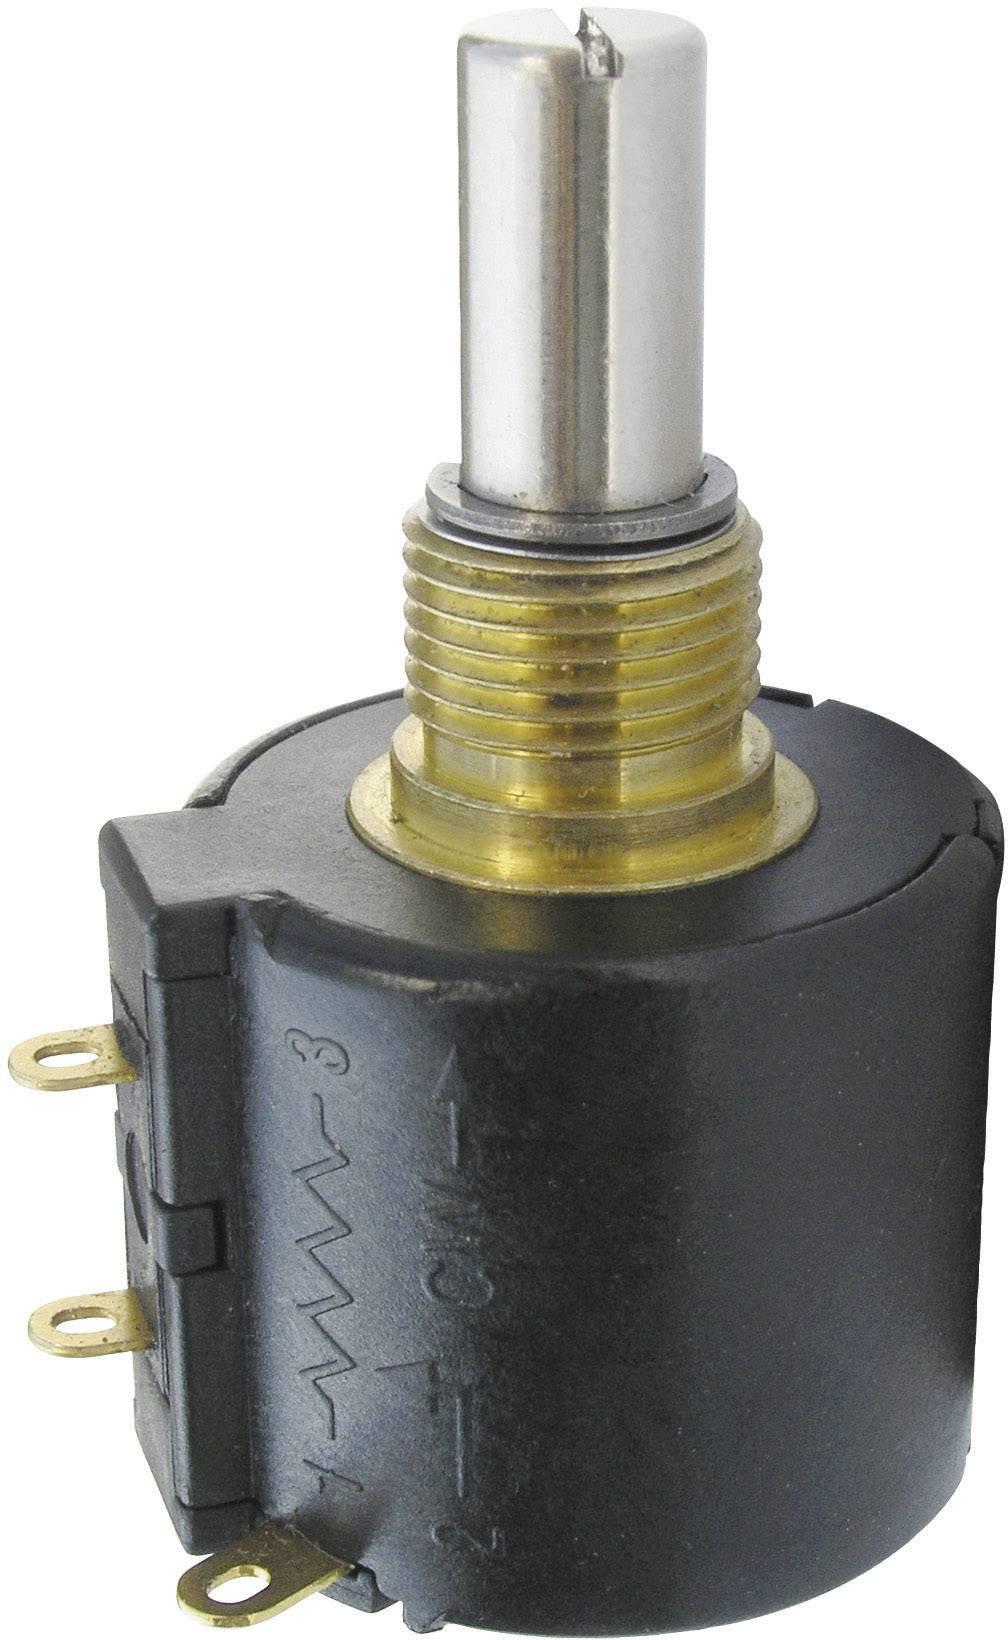 Precizní potenciometr Wirewound, 10cestný Mono Bourns 3549S-1AA-501A 3549S-1AA-501A, 2 W, 500 Ohm, 1 ks